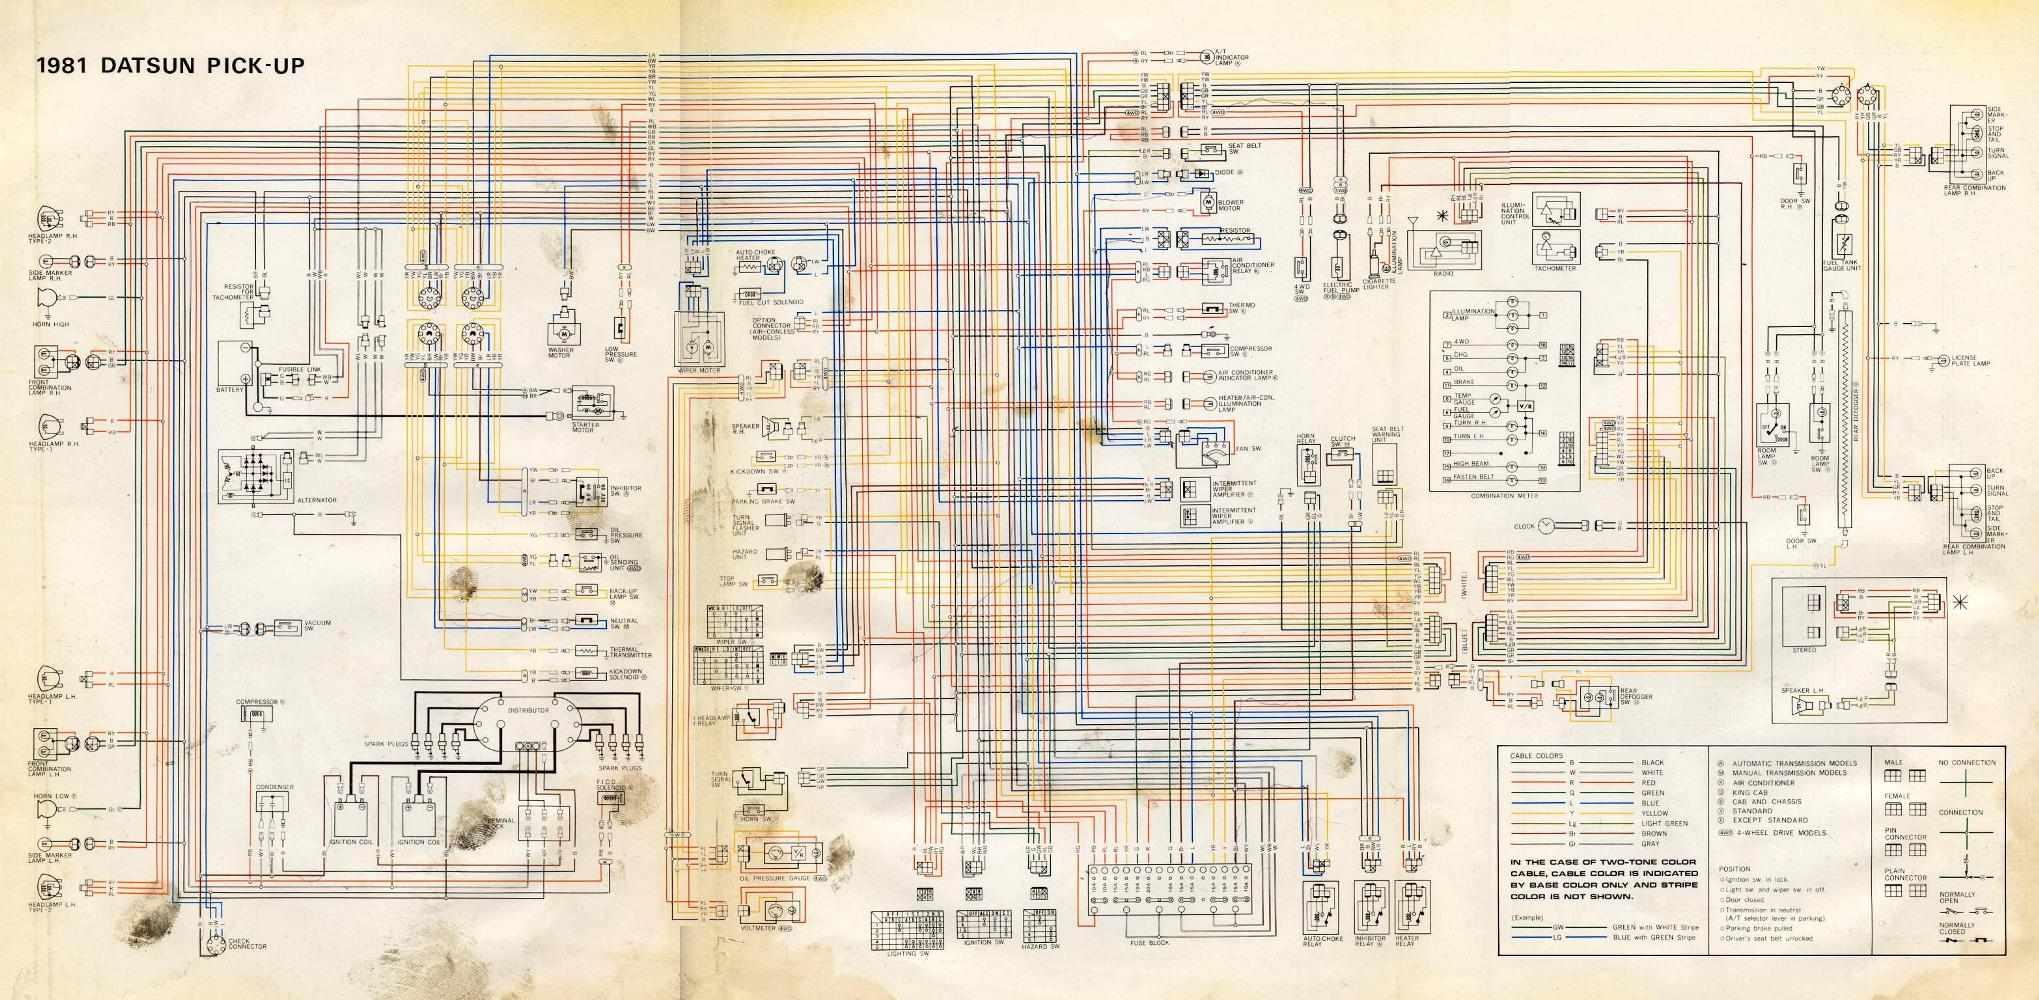 Blue Bird Bus Wiring Diagrams 94 Gmc Sierra Schematic 1994 Bluebird Diagram Detailed Rh Standrewsthorntonheath Co Uk Schematics